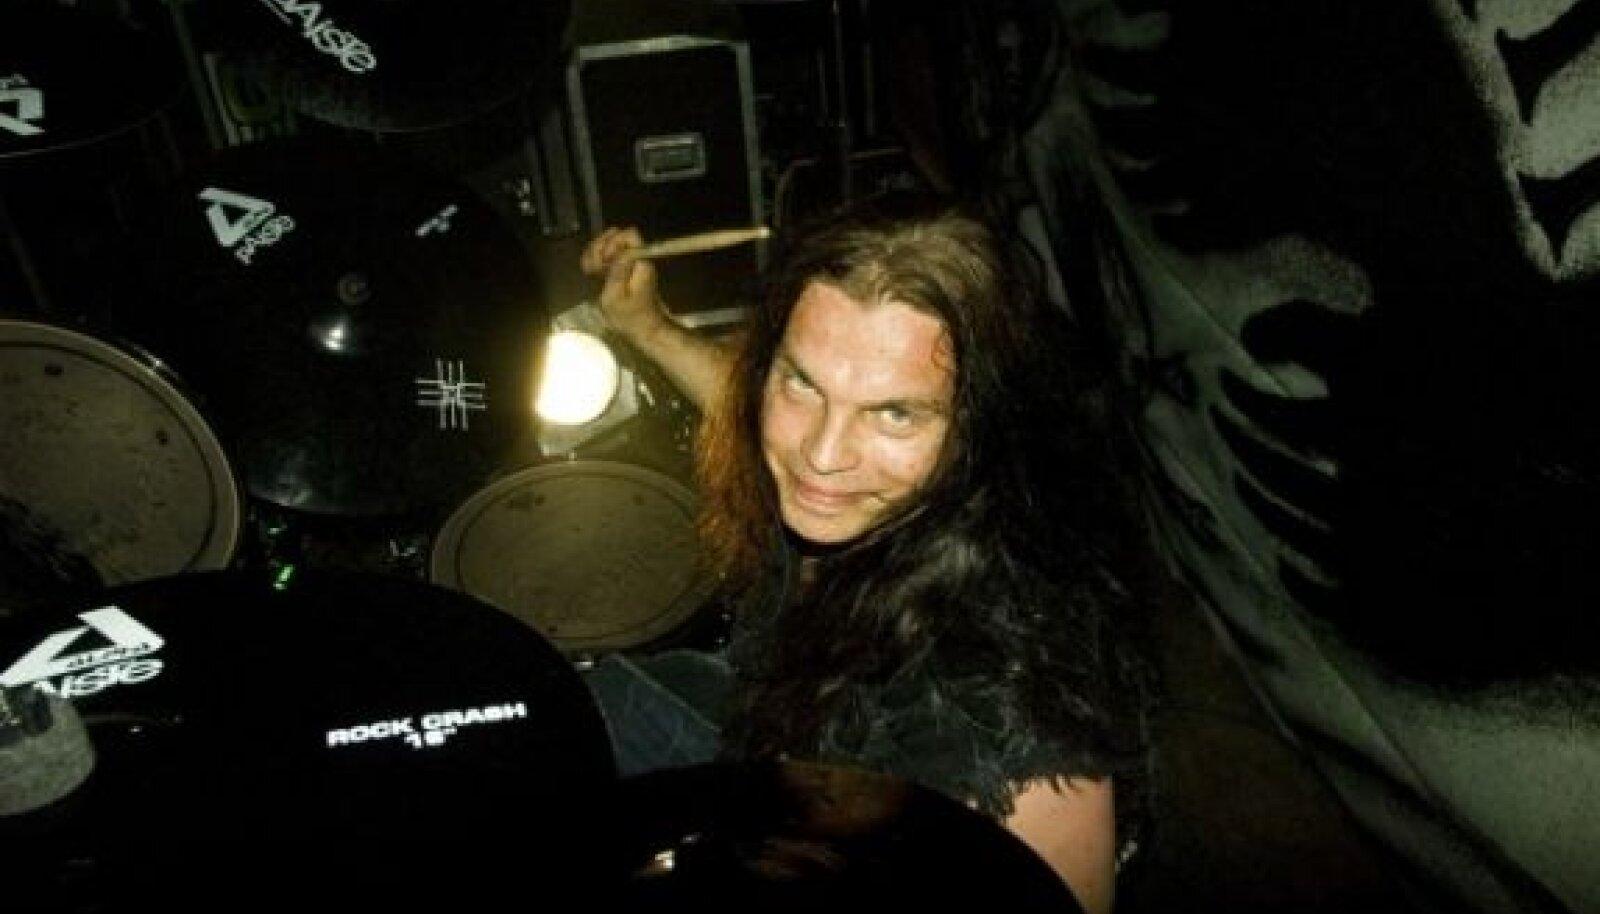 Metsatöllu trummar Marko Atso on kuldsete kätega nii trummide taga kui ka ehitustandril.